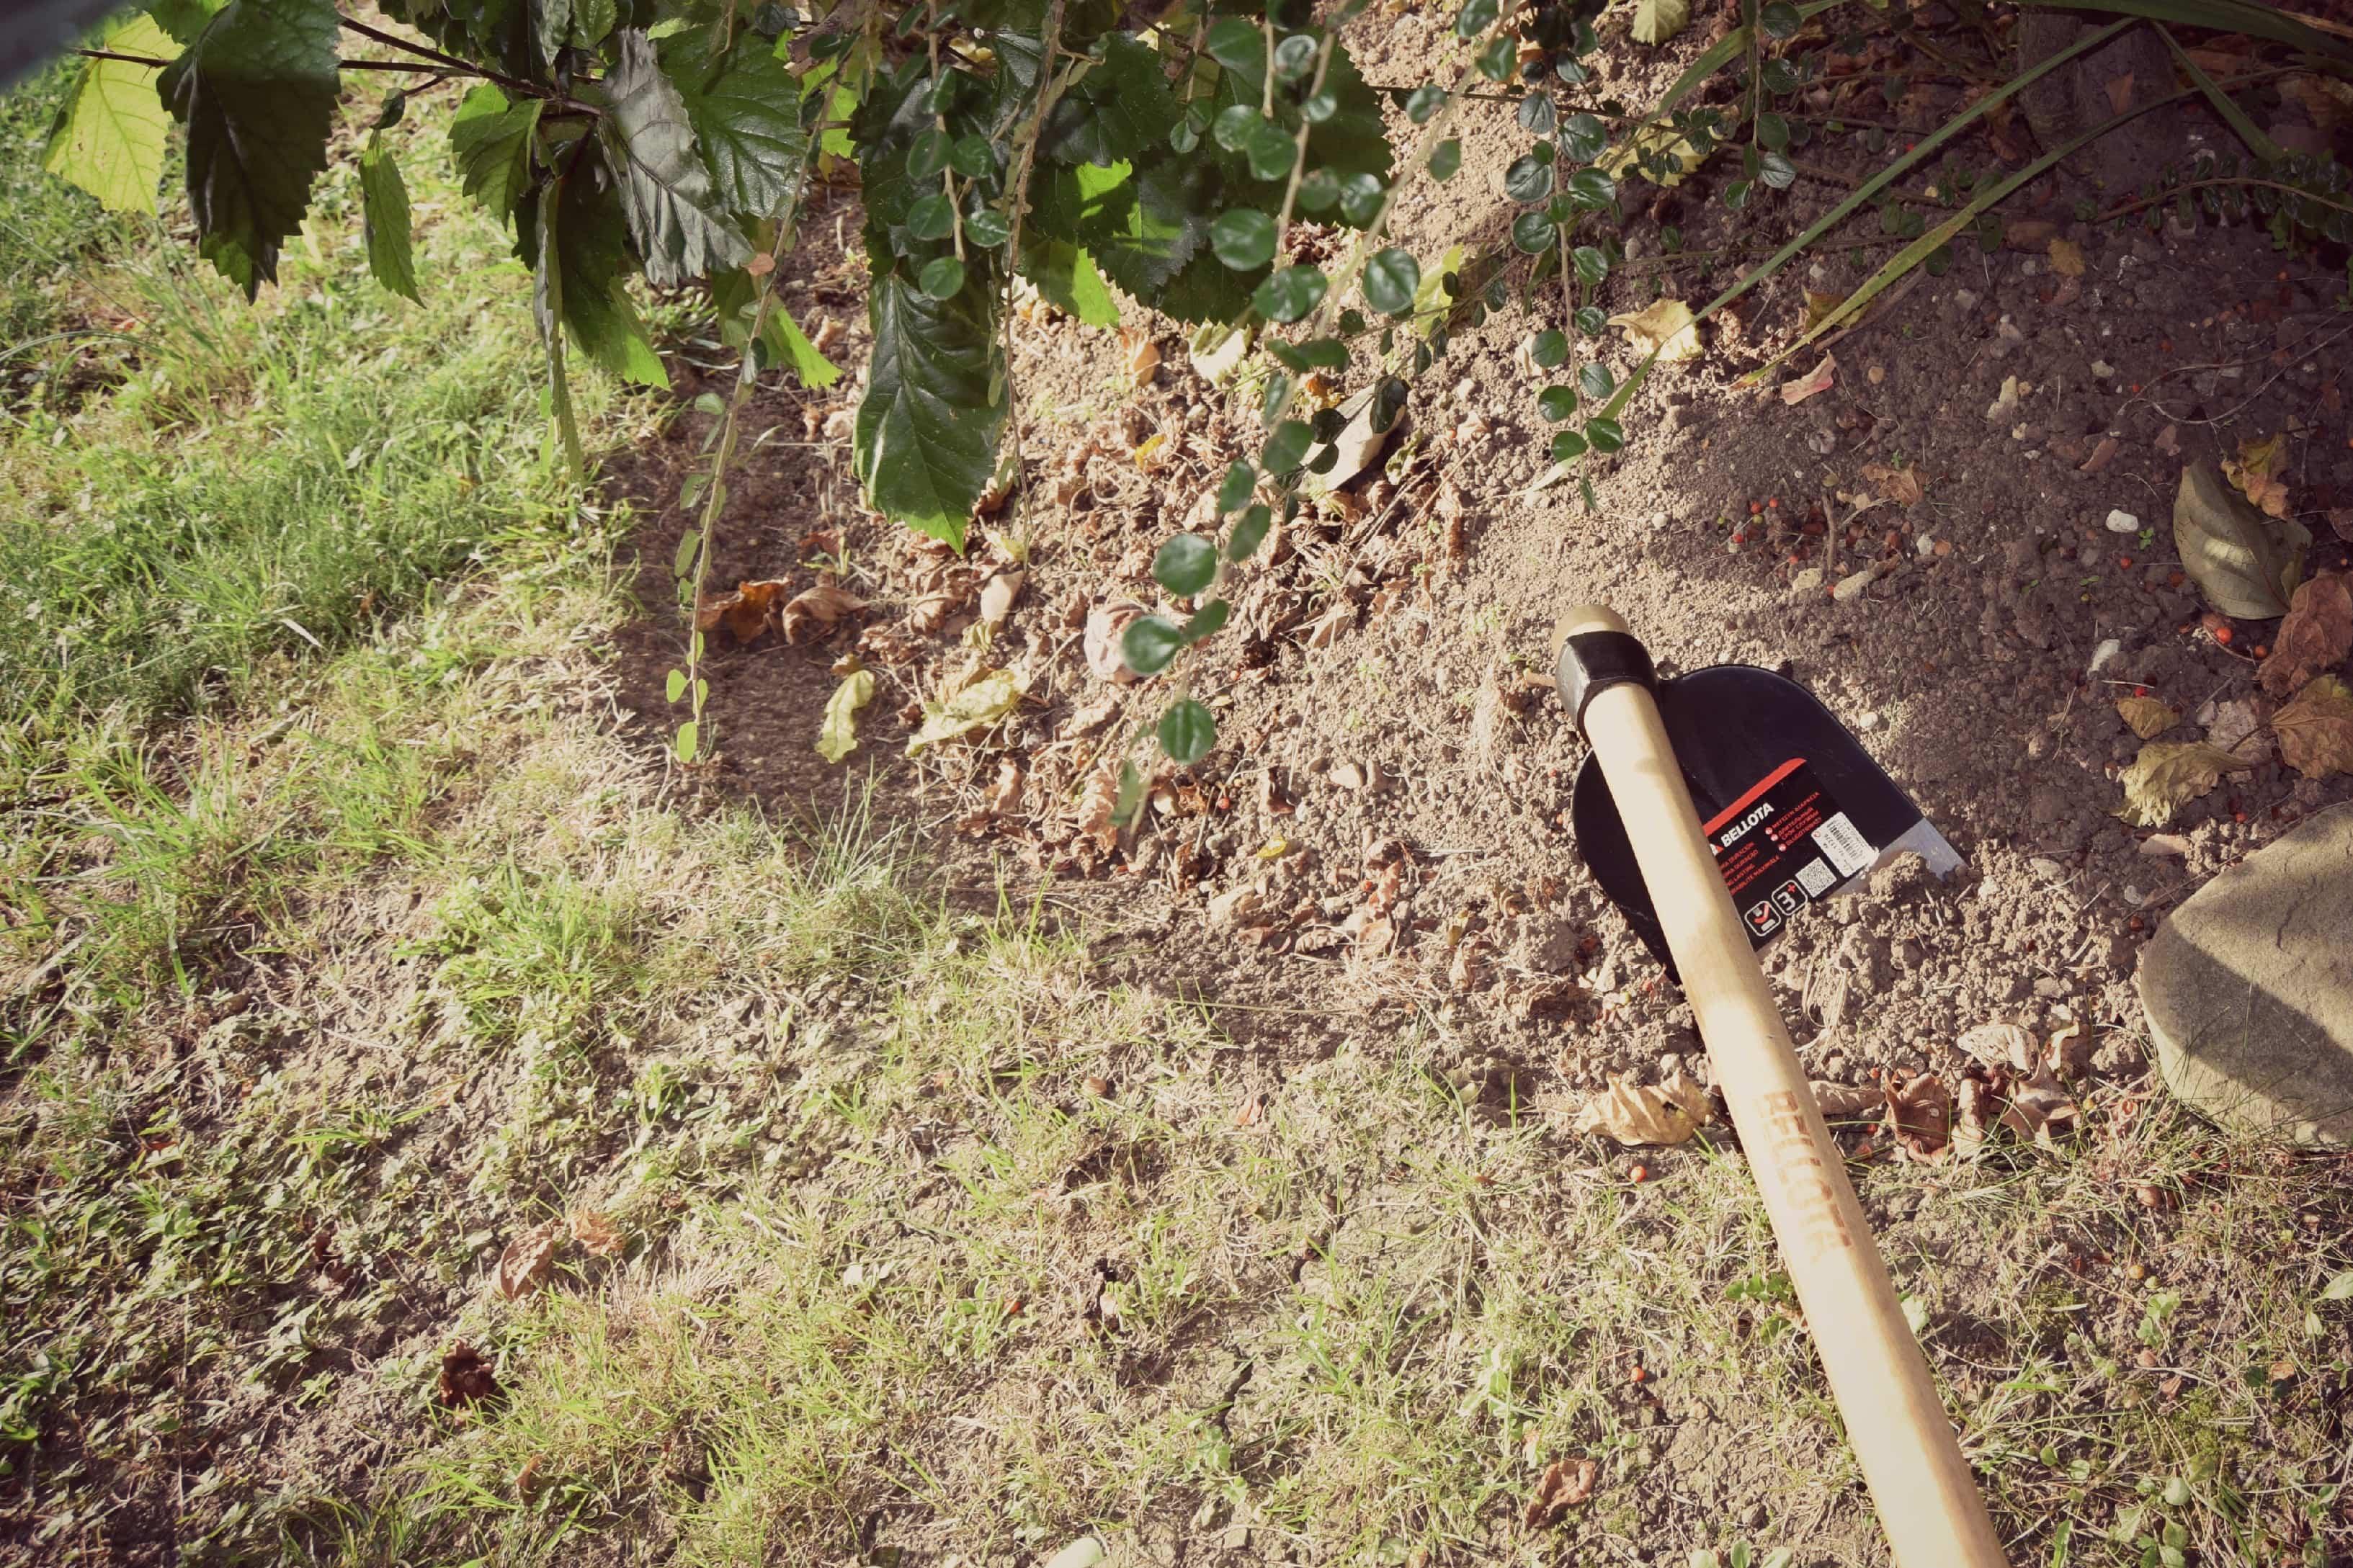 uso de una azada Bellota - herramientas de jardineria